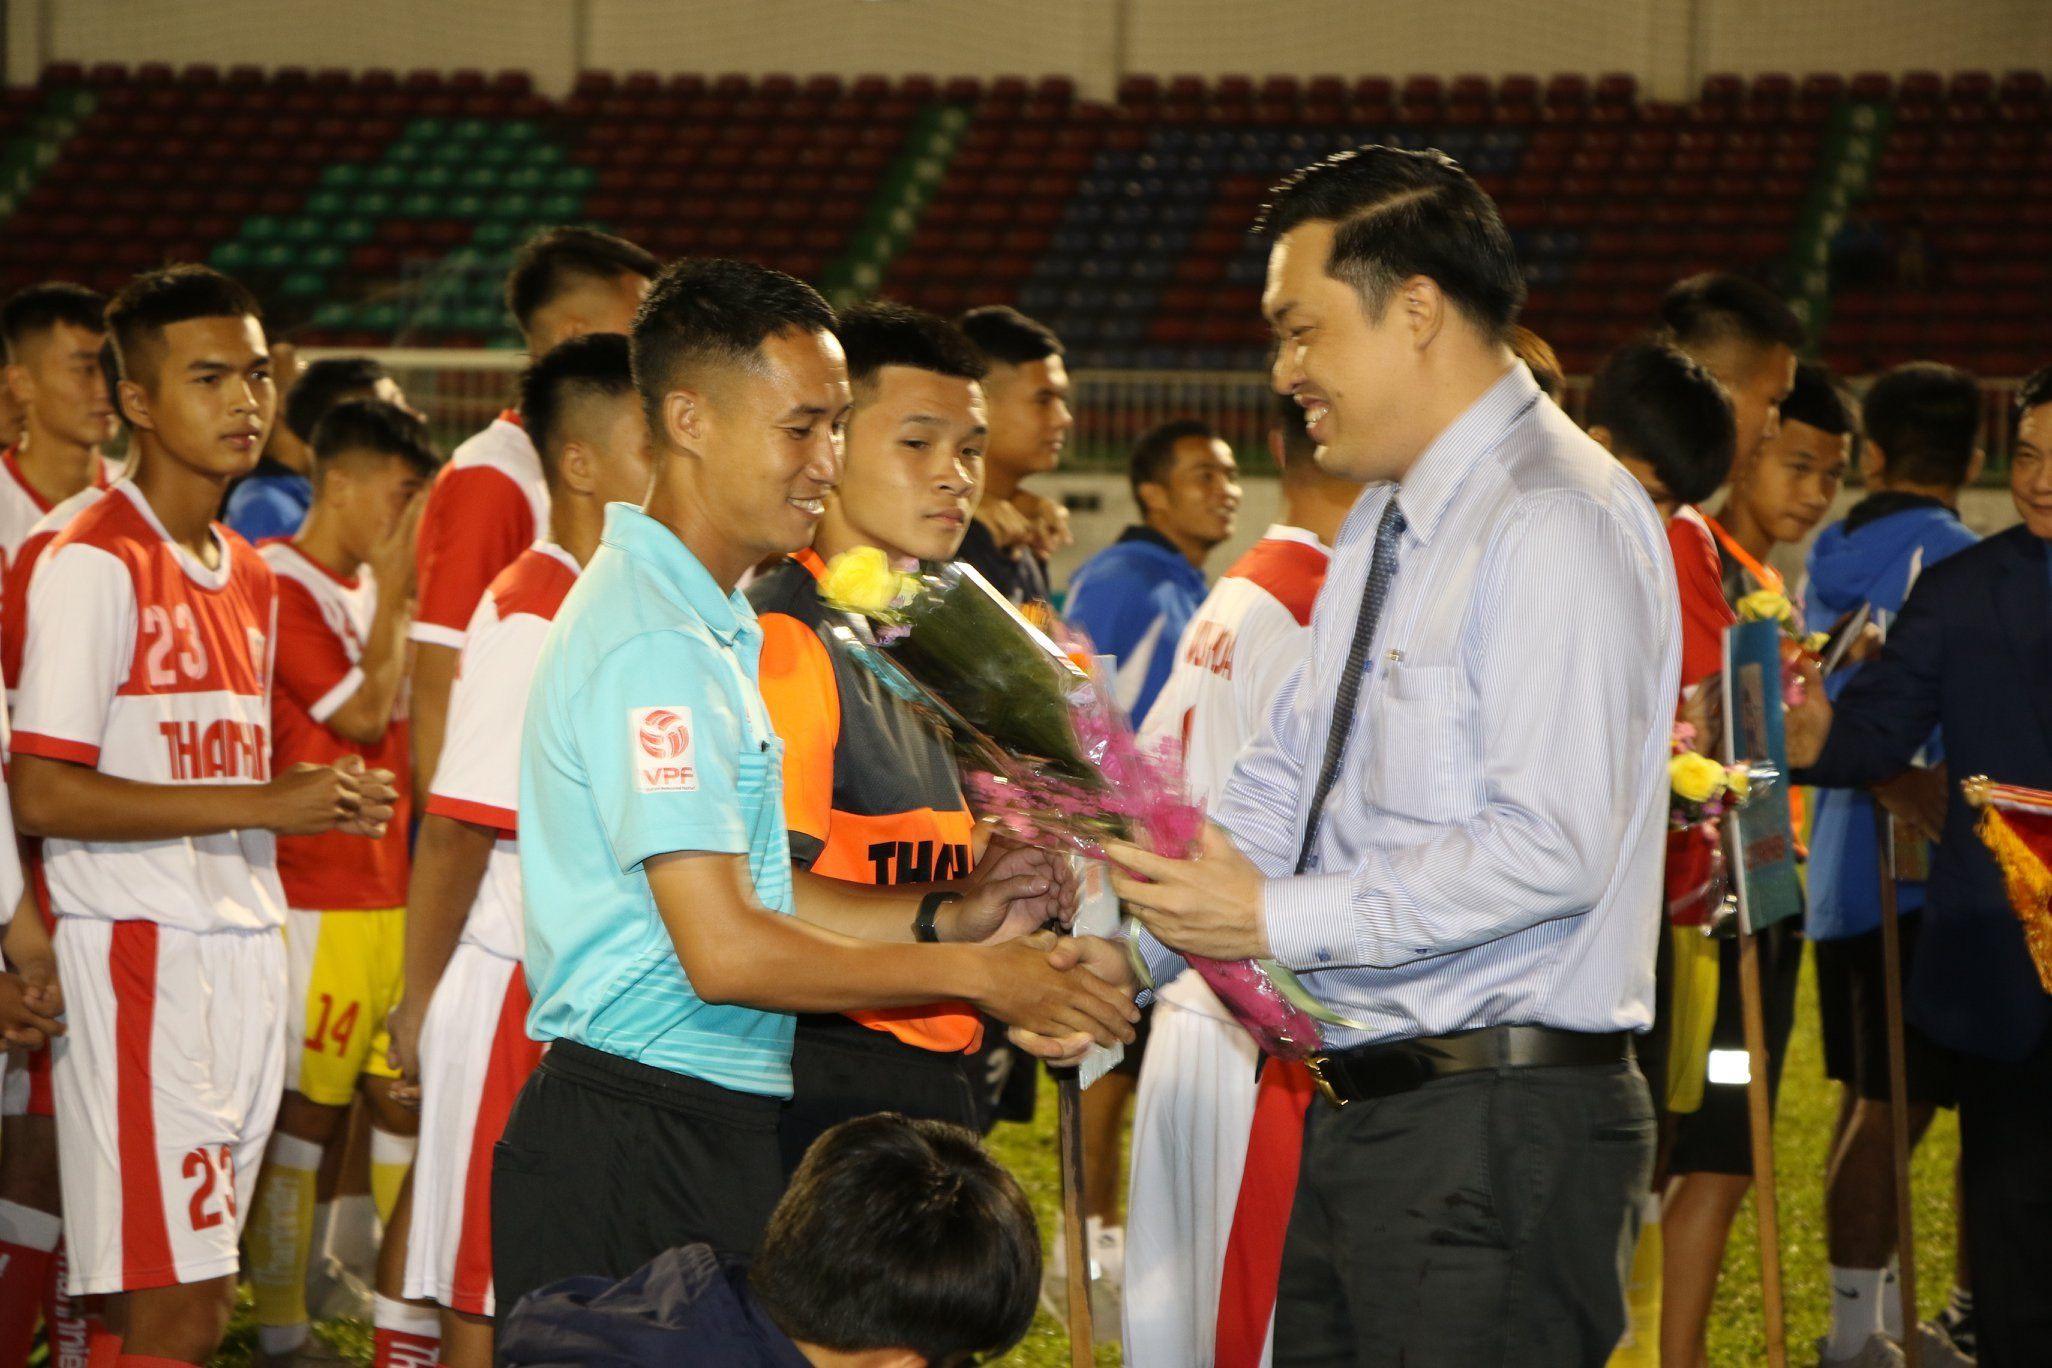 Khai mạc VCK giải vô địch U21 QG Báo Thanh Niên 2019: Hứa hẹn cuộc đua hấp dẫn và kịch tính